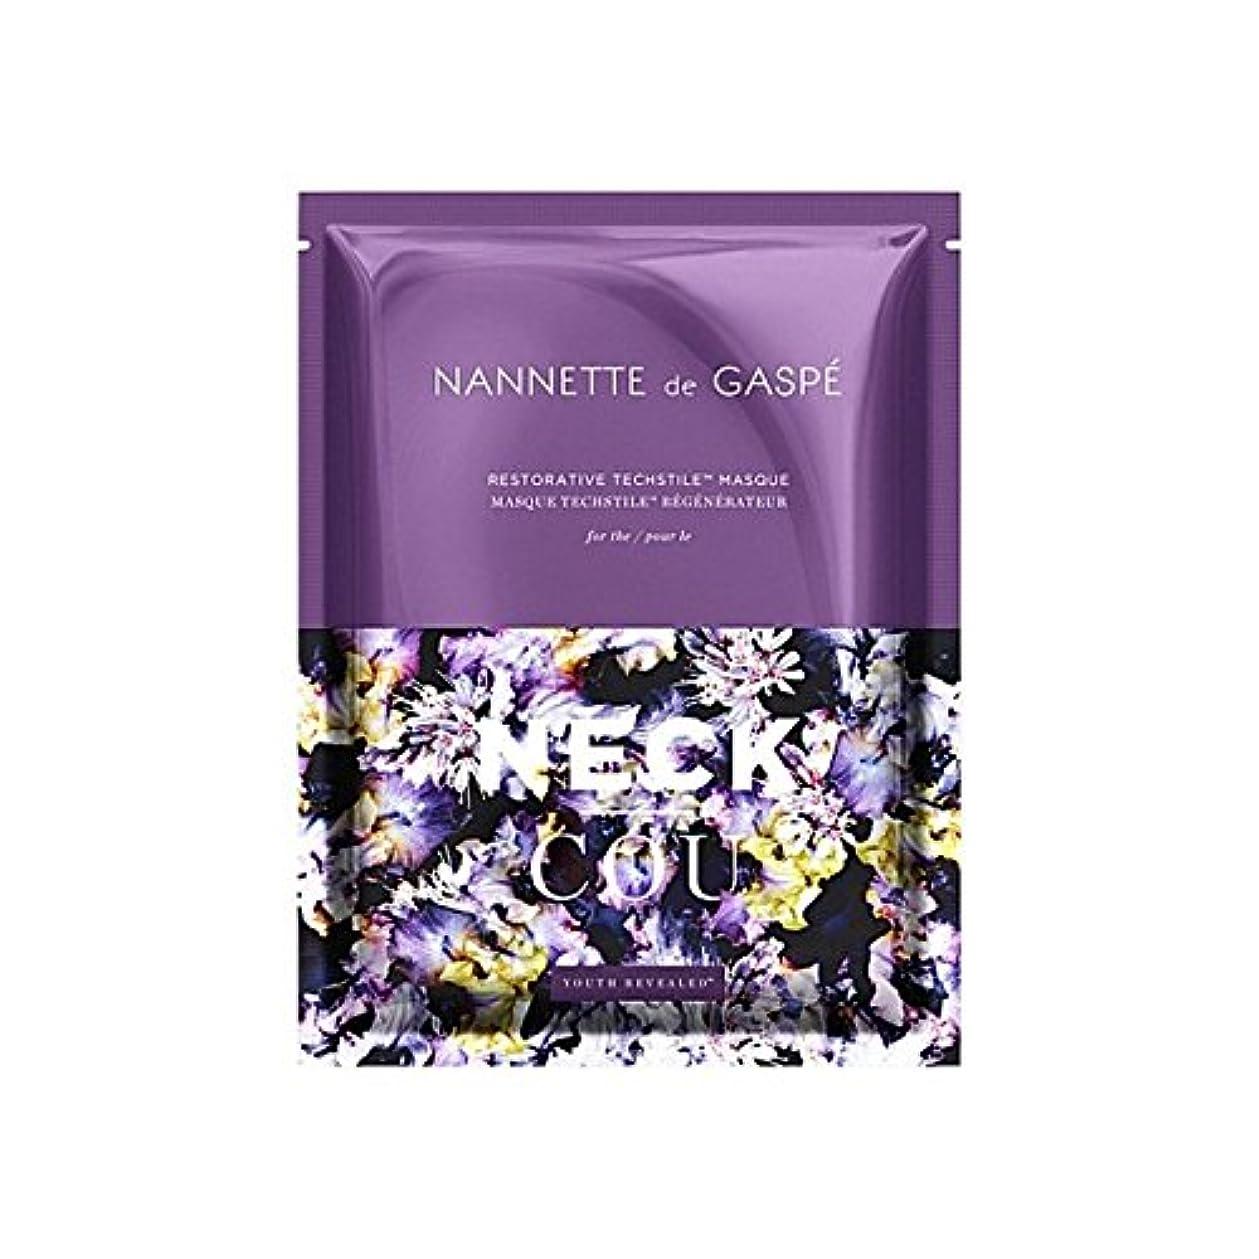 ソケットエキゾチックショートカットNannette De Gaspe Restorative Techstile Neck Masque (Pack of 6) - デガスペ修復首の仮面劇 x6 [並行輸入品]